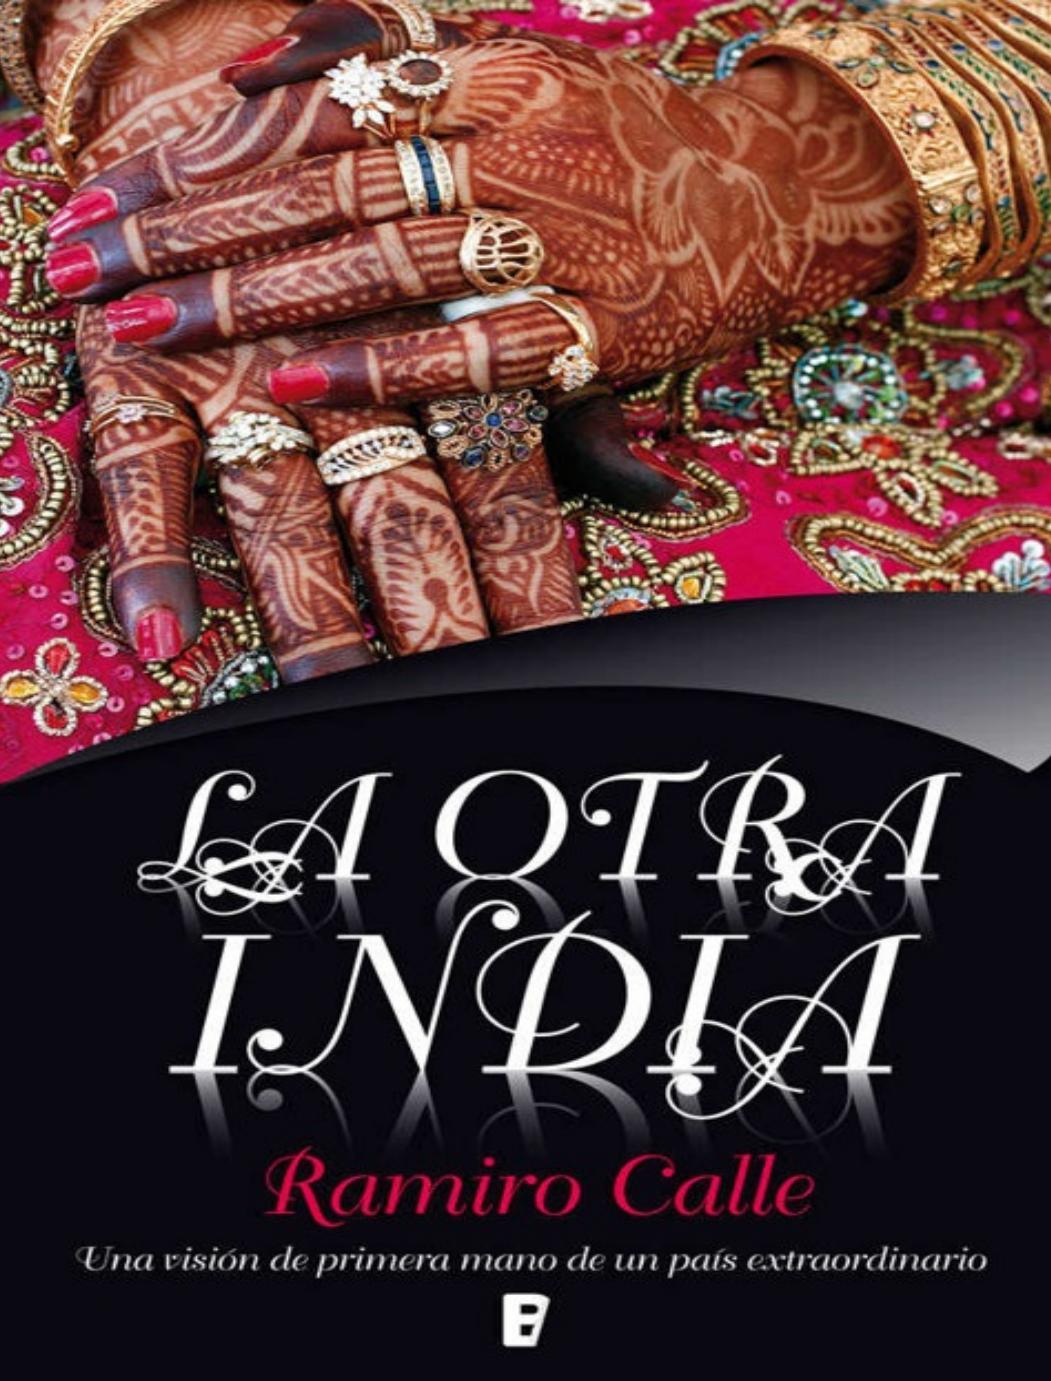 La otra india ramiro a calle by Noé Ruano Rivera - issuu 0874add7c23e